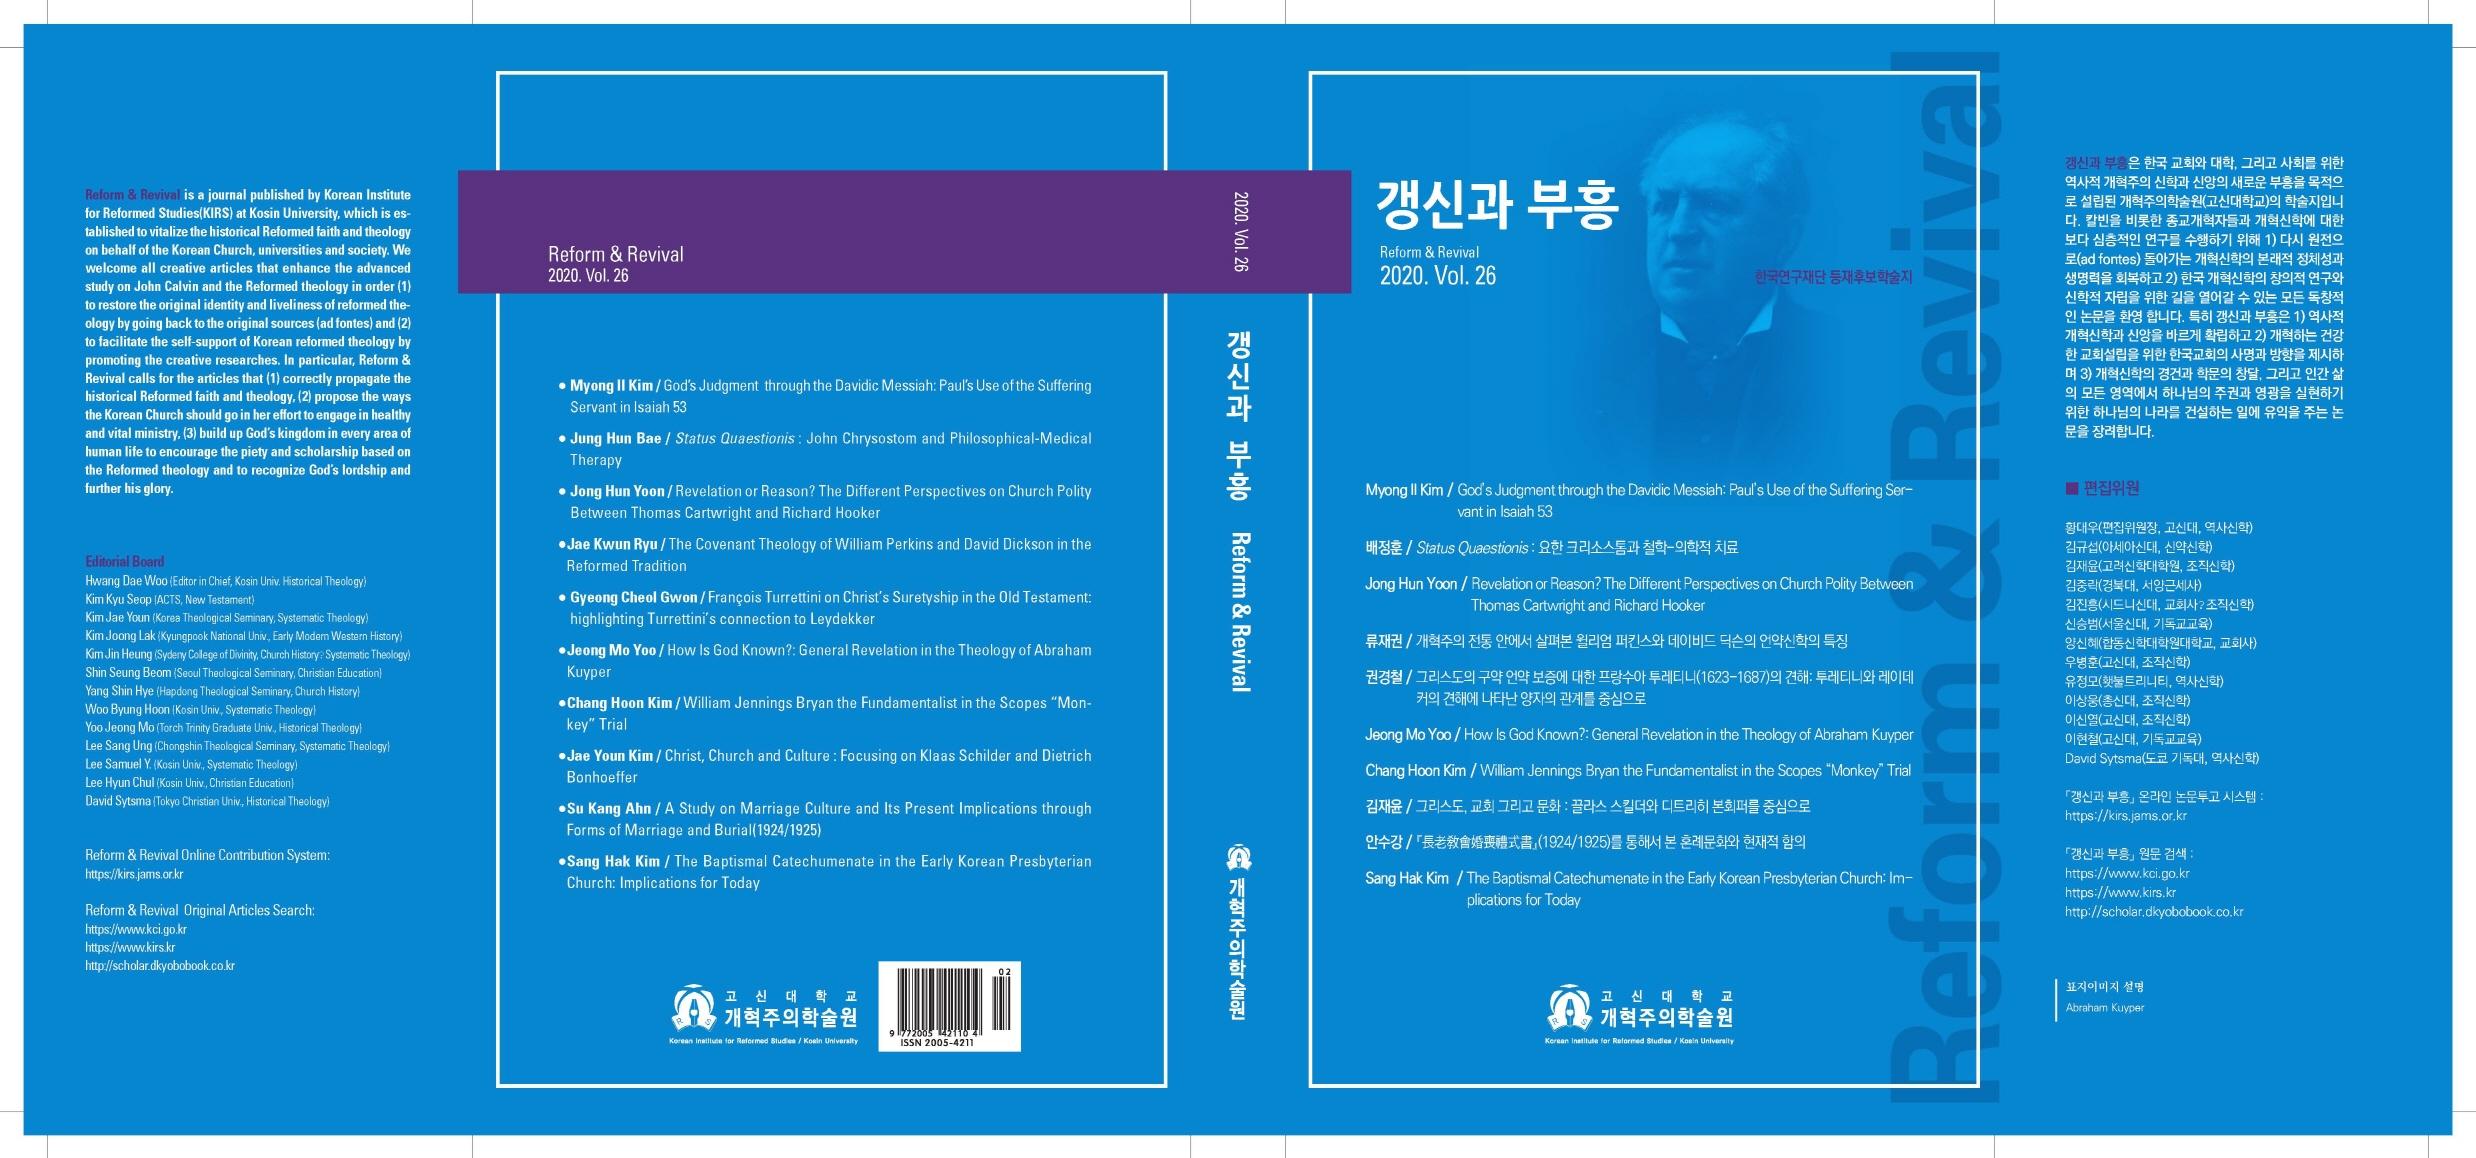 크기변환_표지-갱신과부흥 Vol26_ver3.jpg